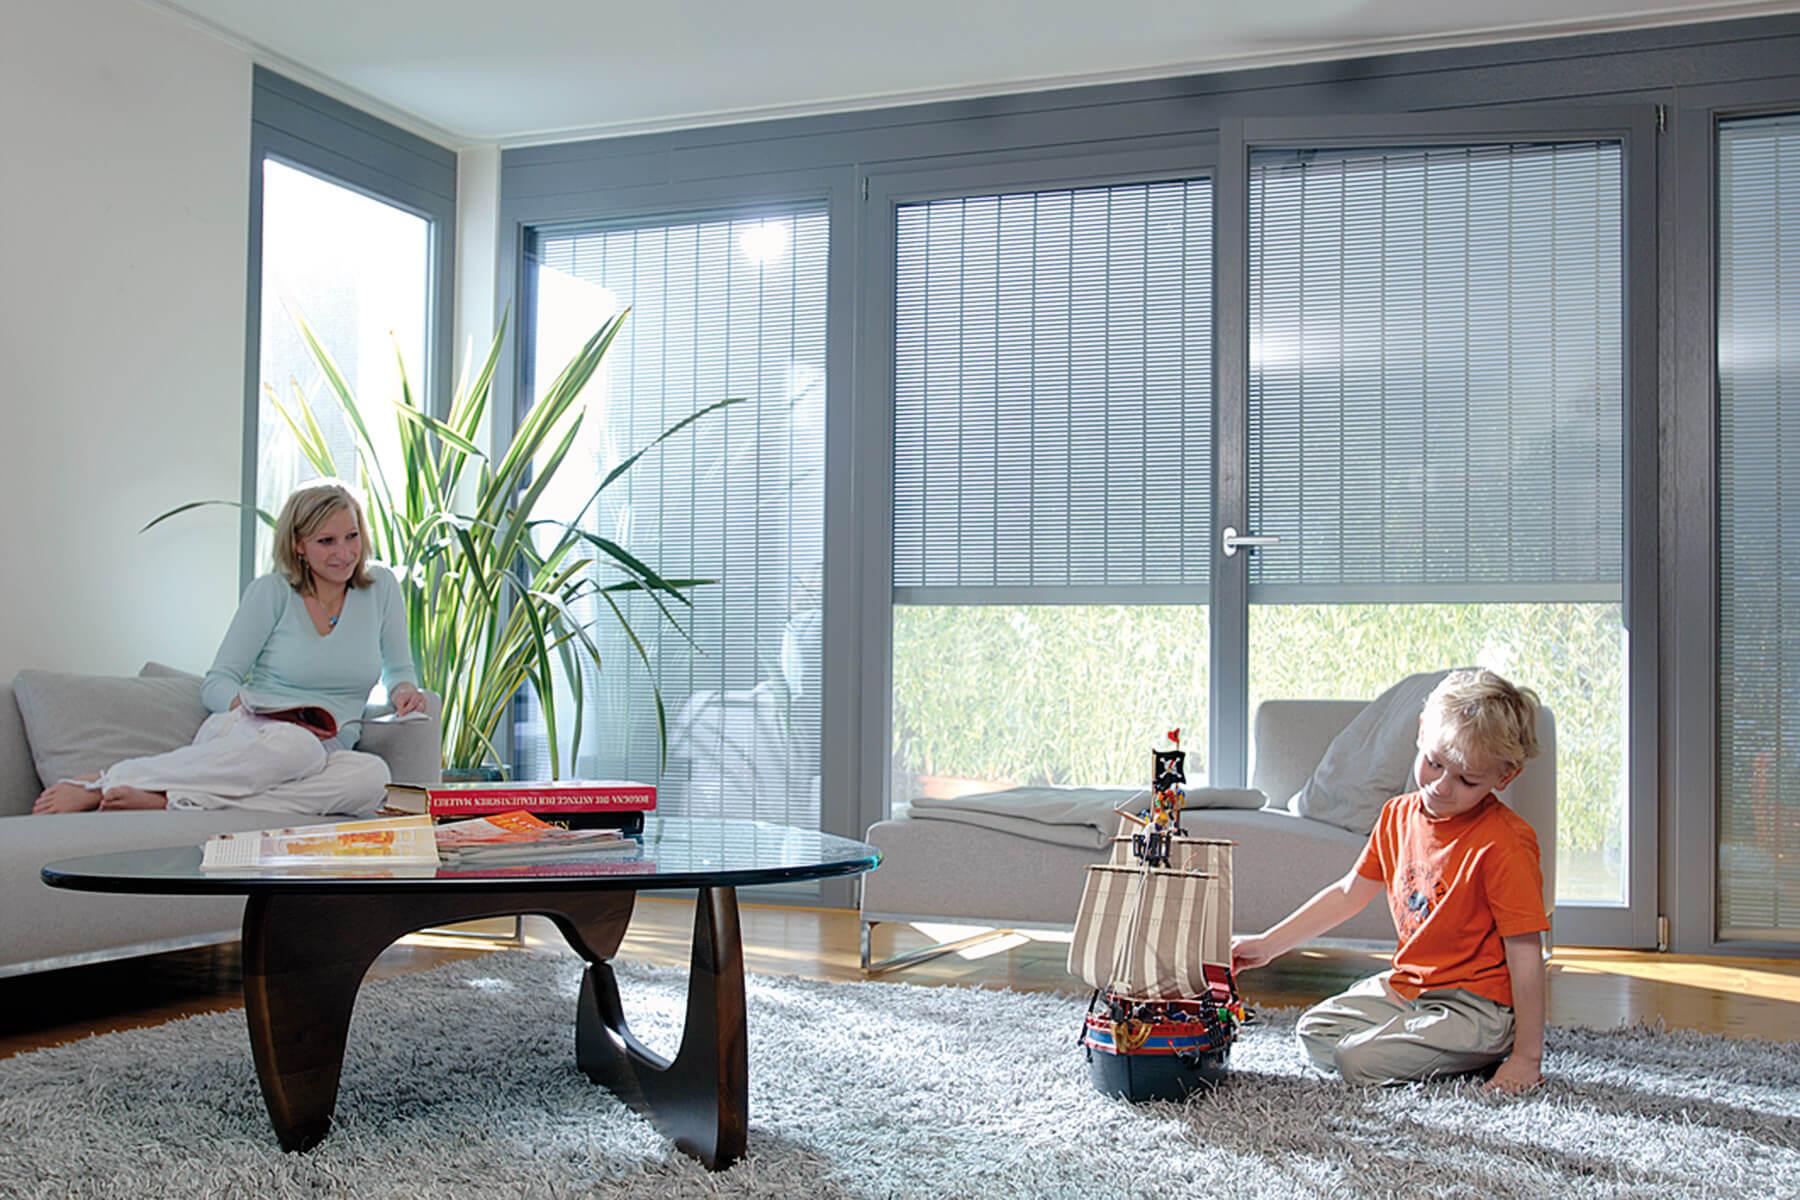 Eckfenster innenansicht  Raffstore - HG RaumDesign GmbH